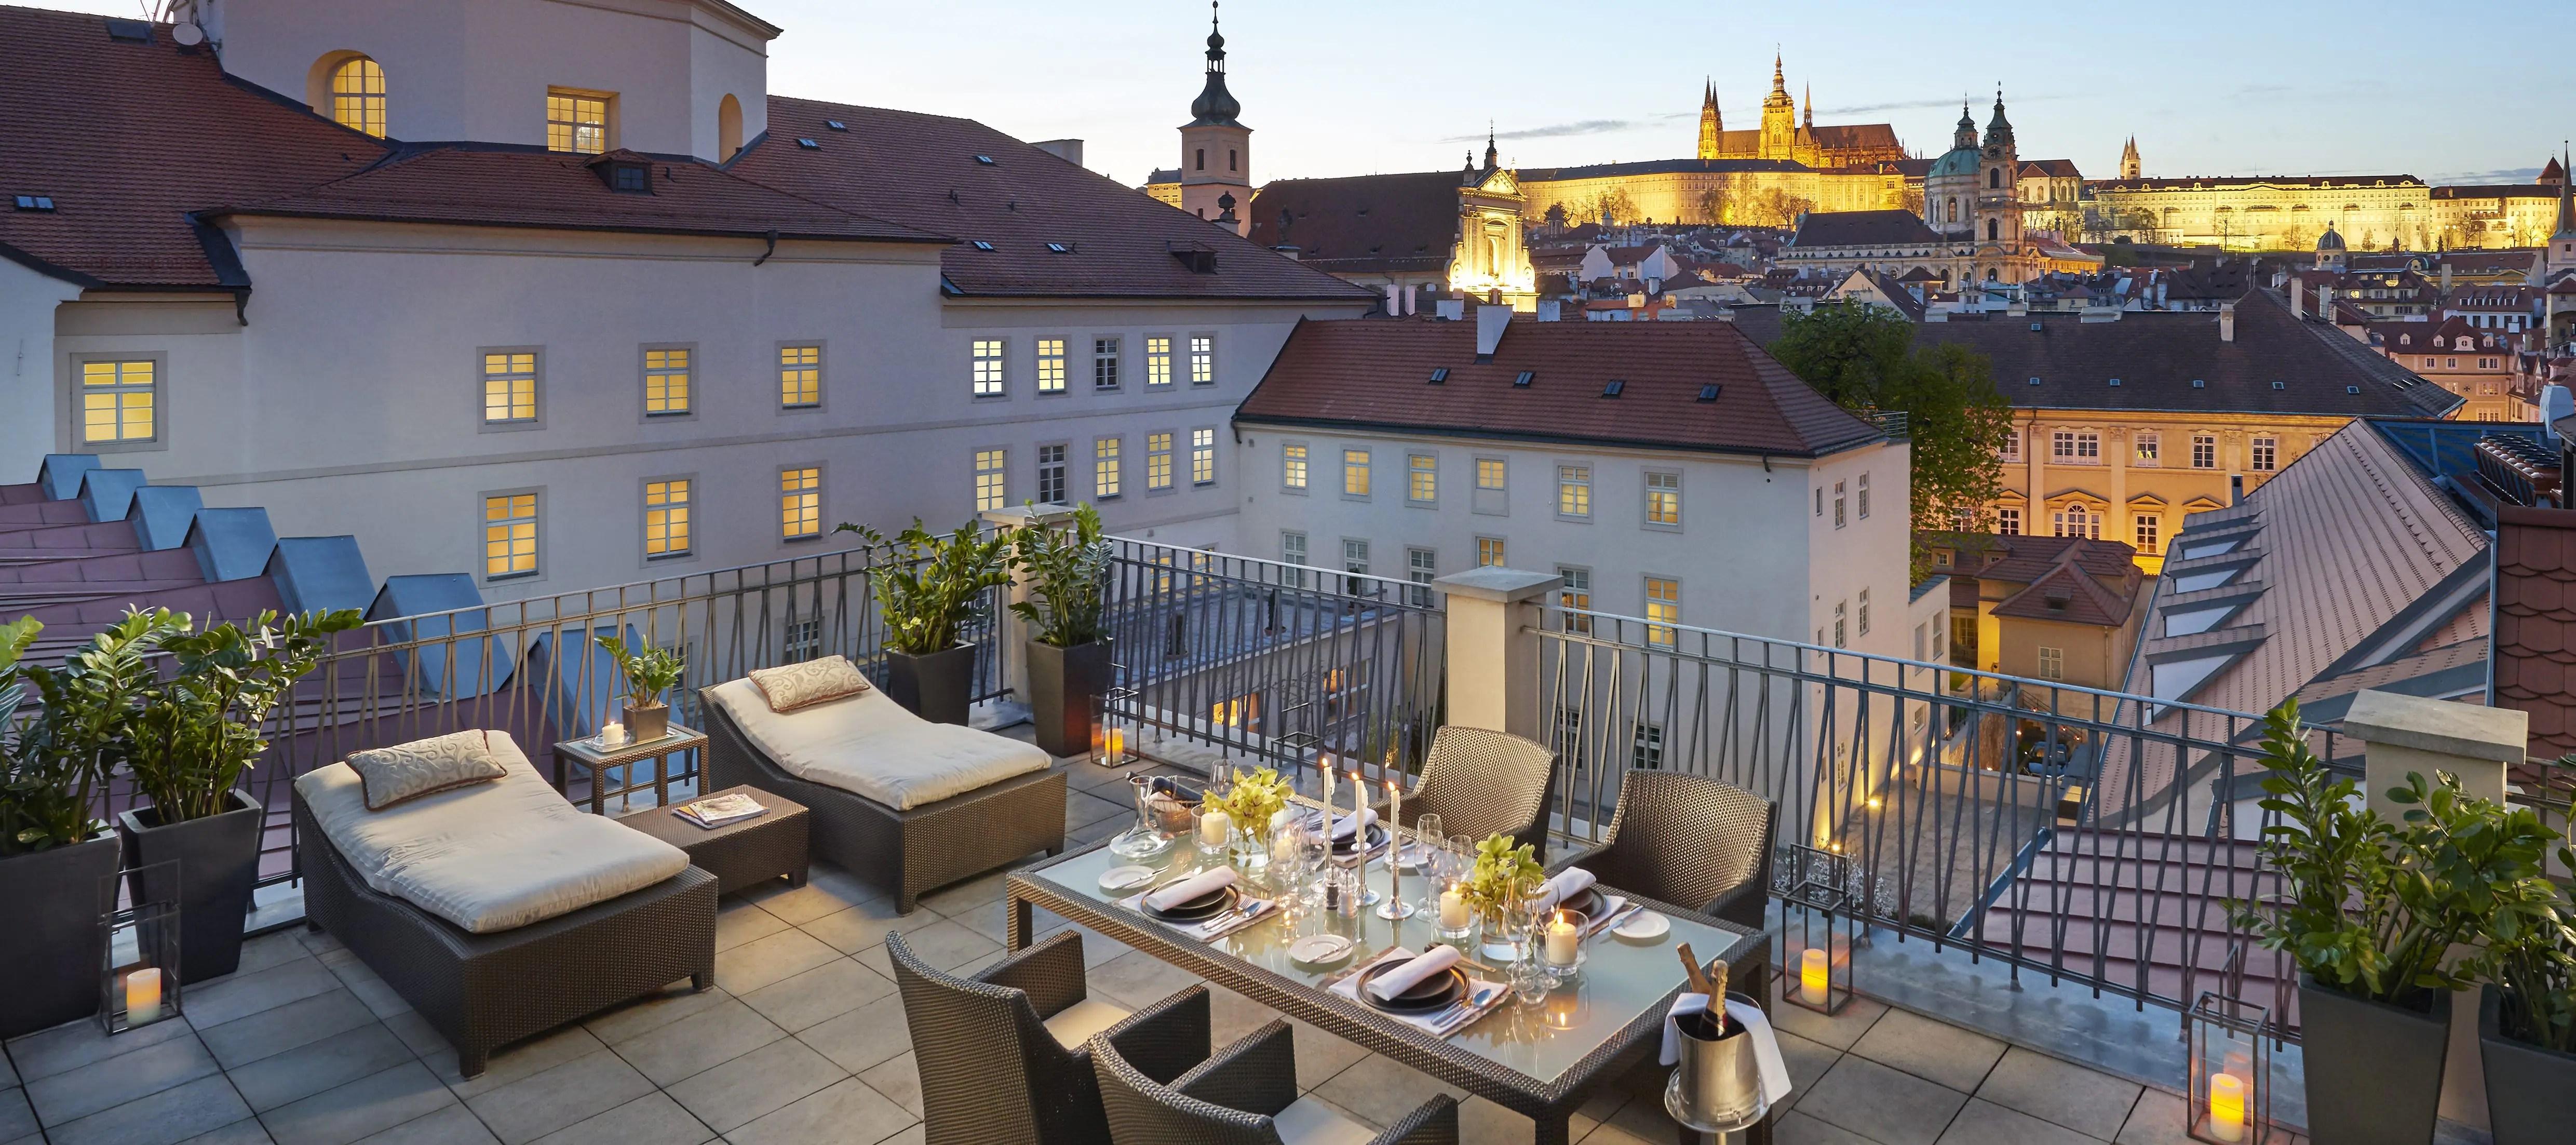 Luxury Hotel Suite Design